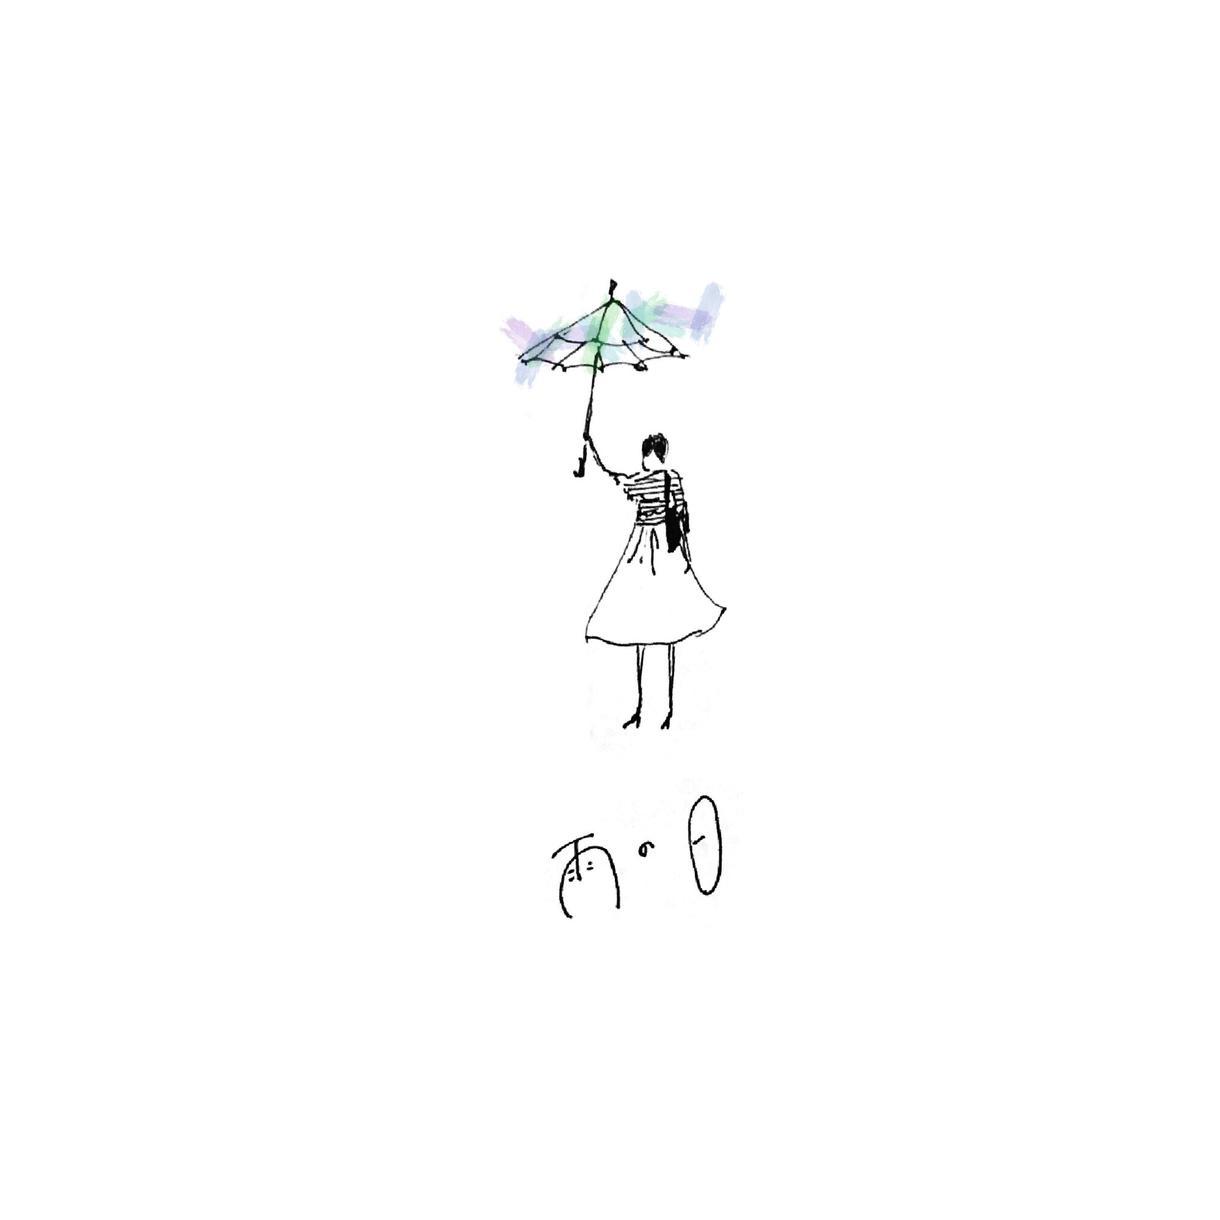 ゆる〜くミニイラスト描きます twitter Instagram のアイコンを可愛く